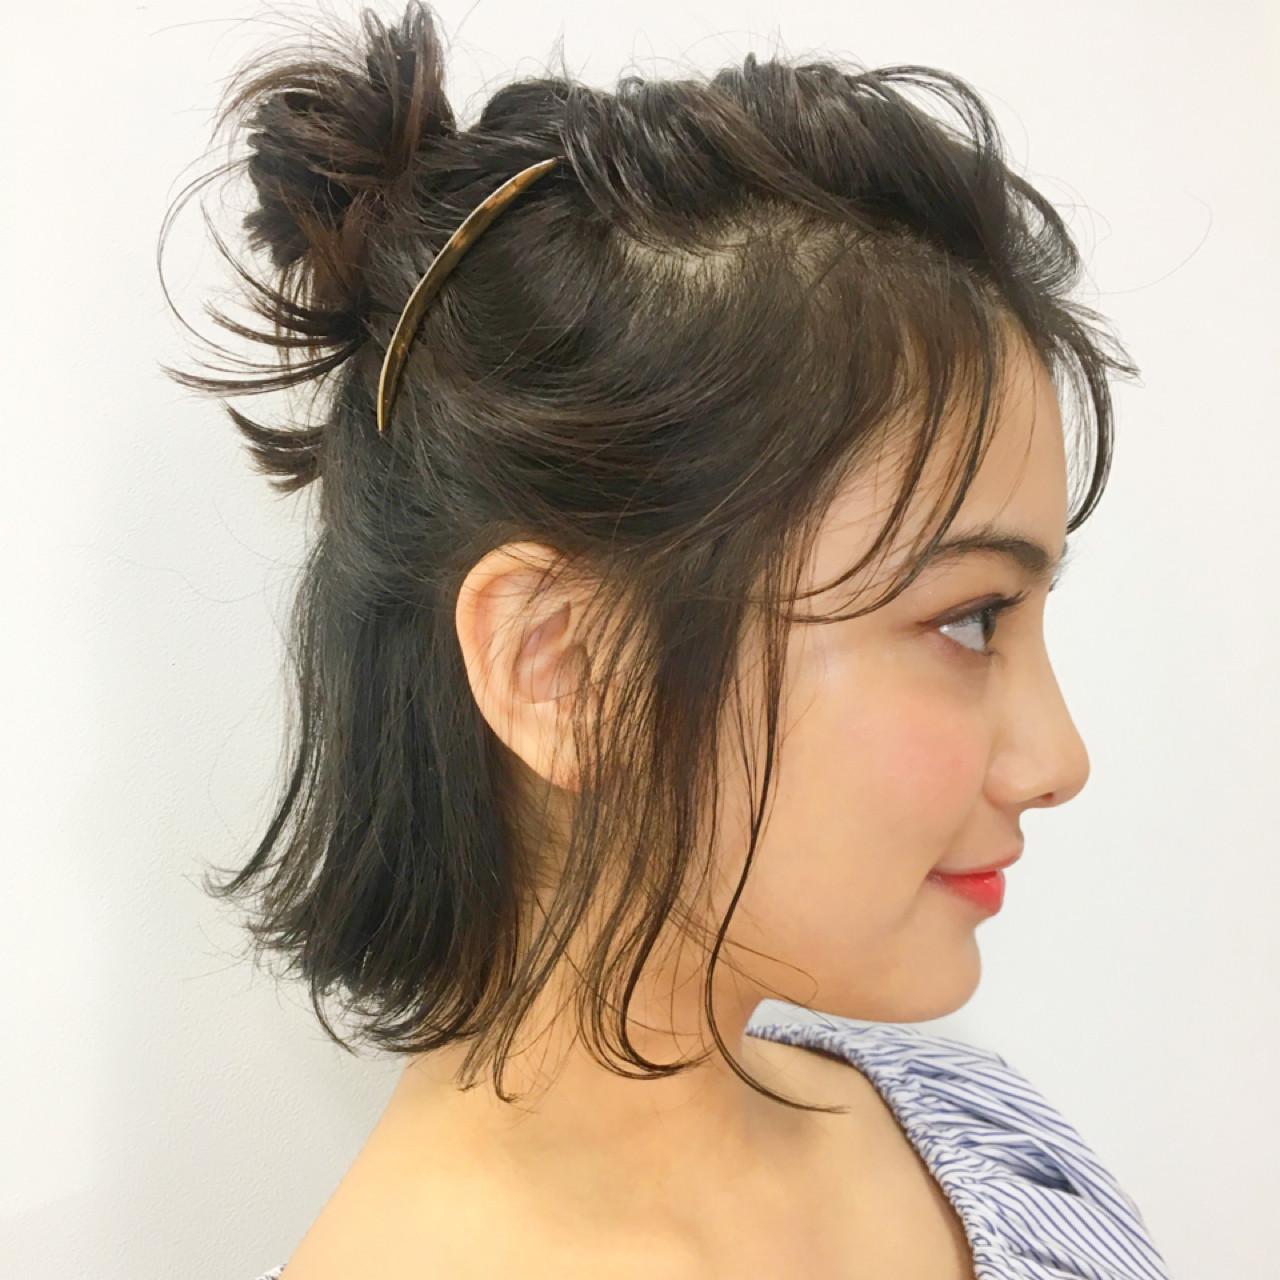 ショートボブのハーフアップお団子アレンジ 中島 潮里 / LOAVE